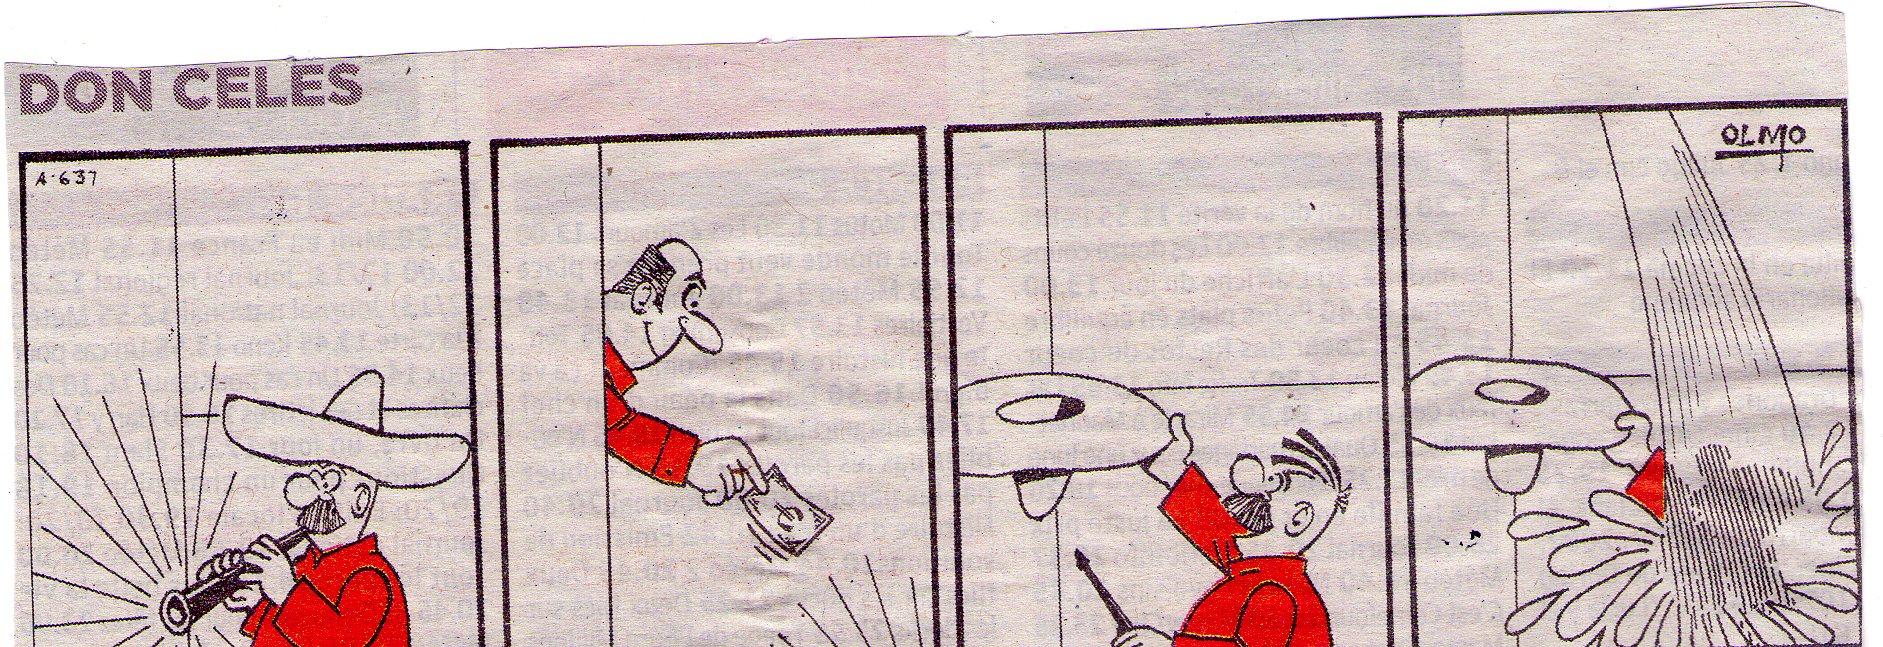 A Don Celes le tiran agua en vez de dinero